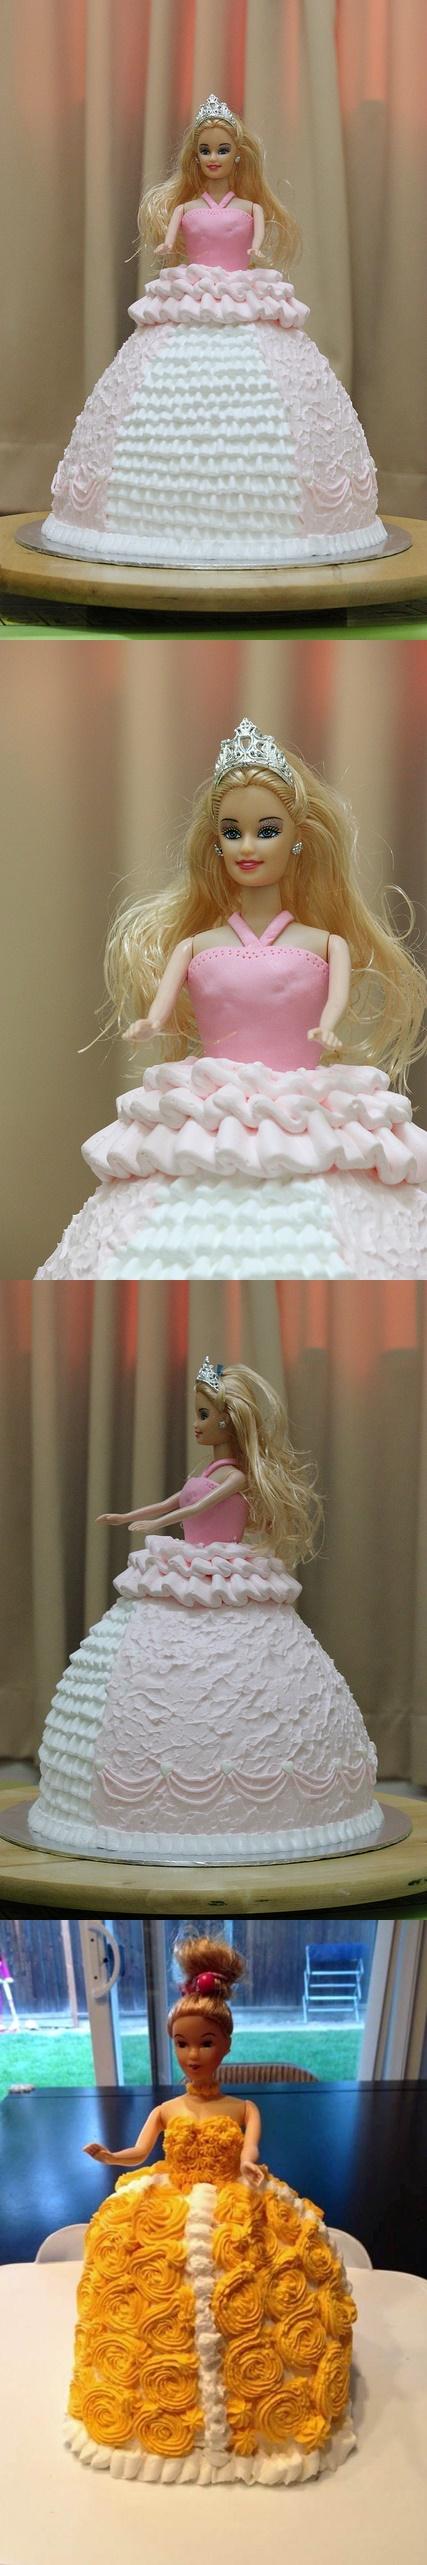 Babie cake m Wonderful and Creative Babie cakes